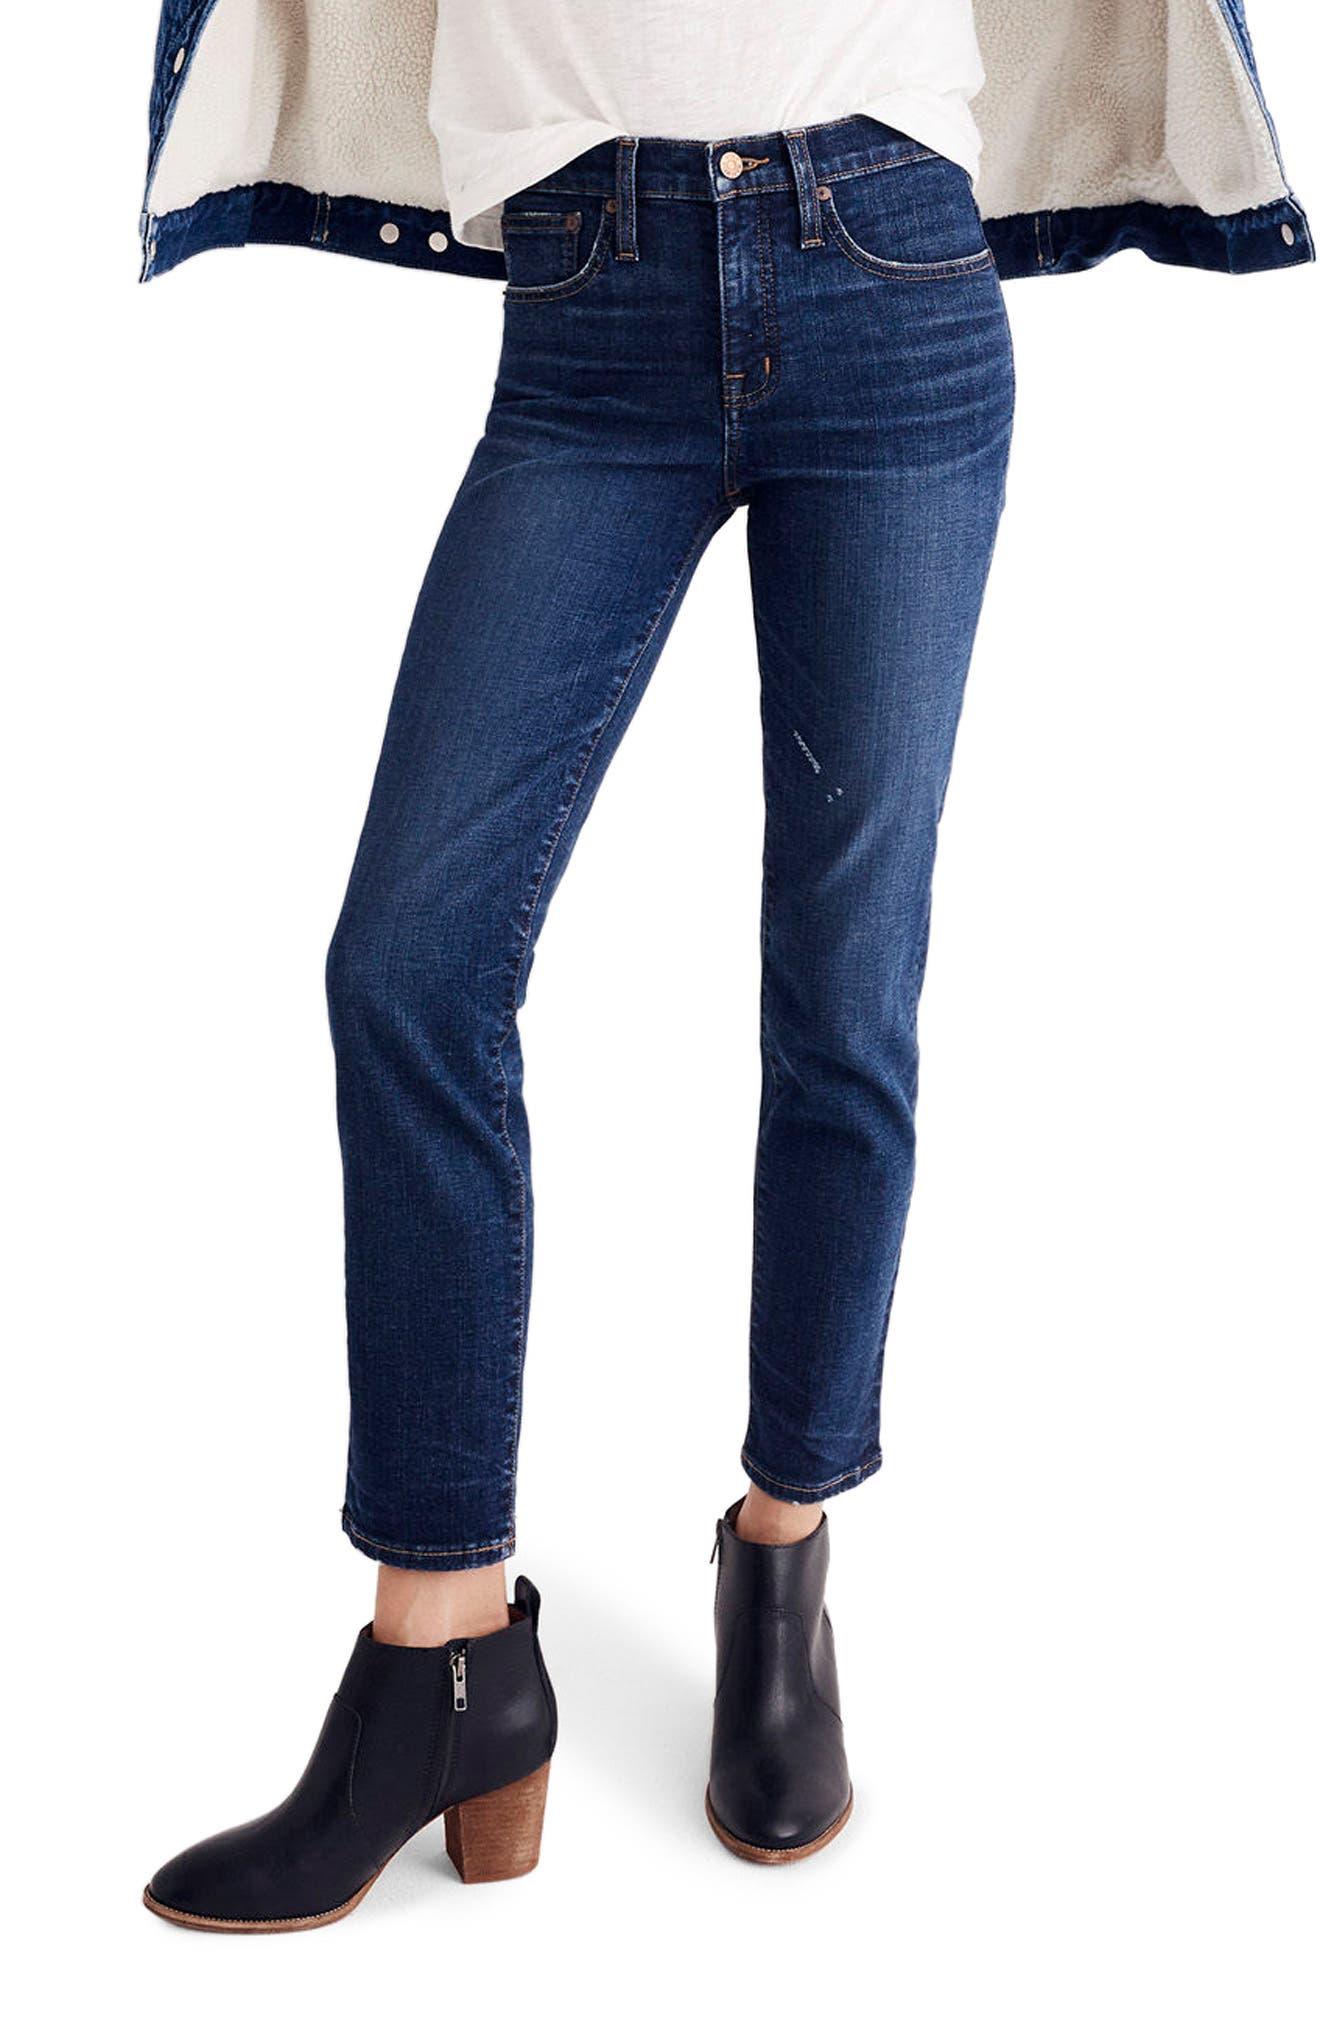 MADEWELL,                             High Waist Slim Straight Leg Jeans,                             Main thumbnail 1, color,                             400